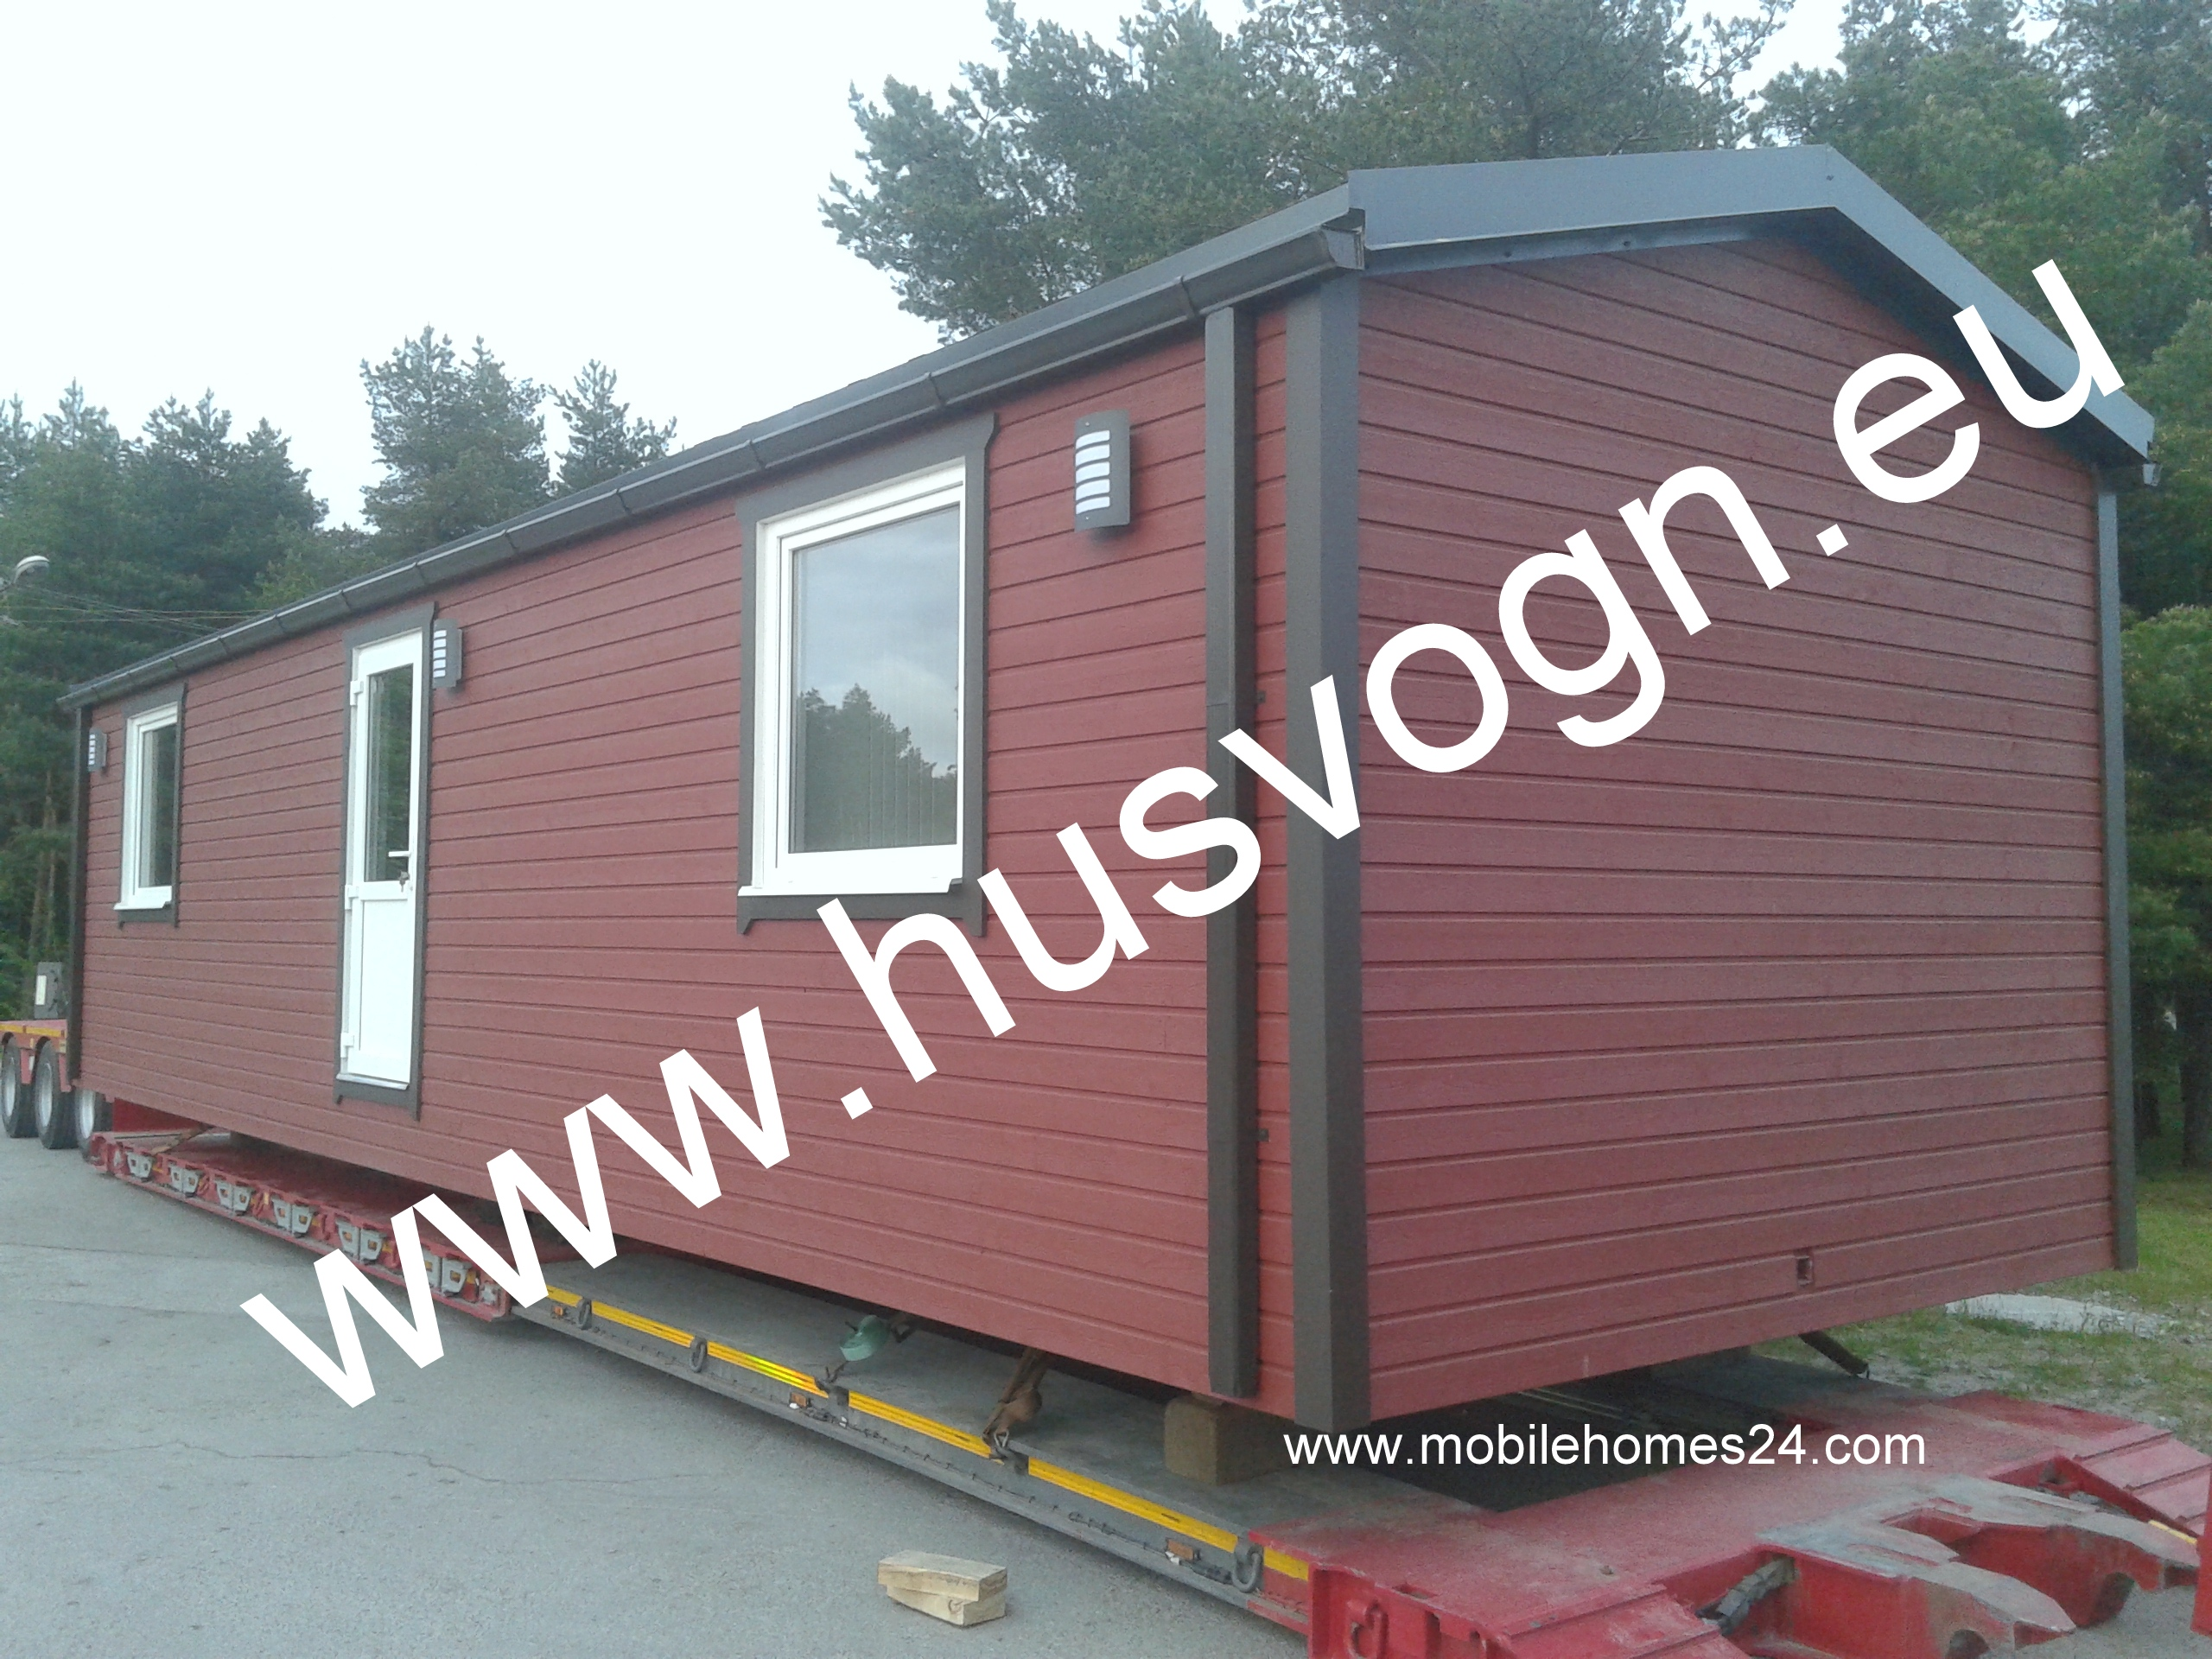 Husvogn, husvogner, husvogner til salgs, Estland mobile homes, mobile homes24